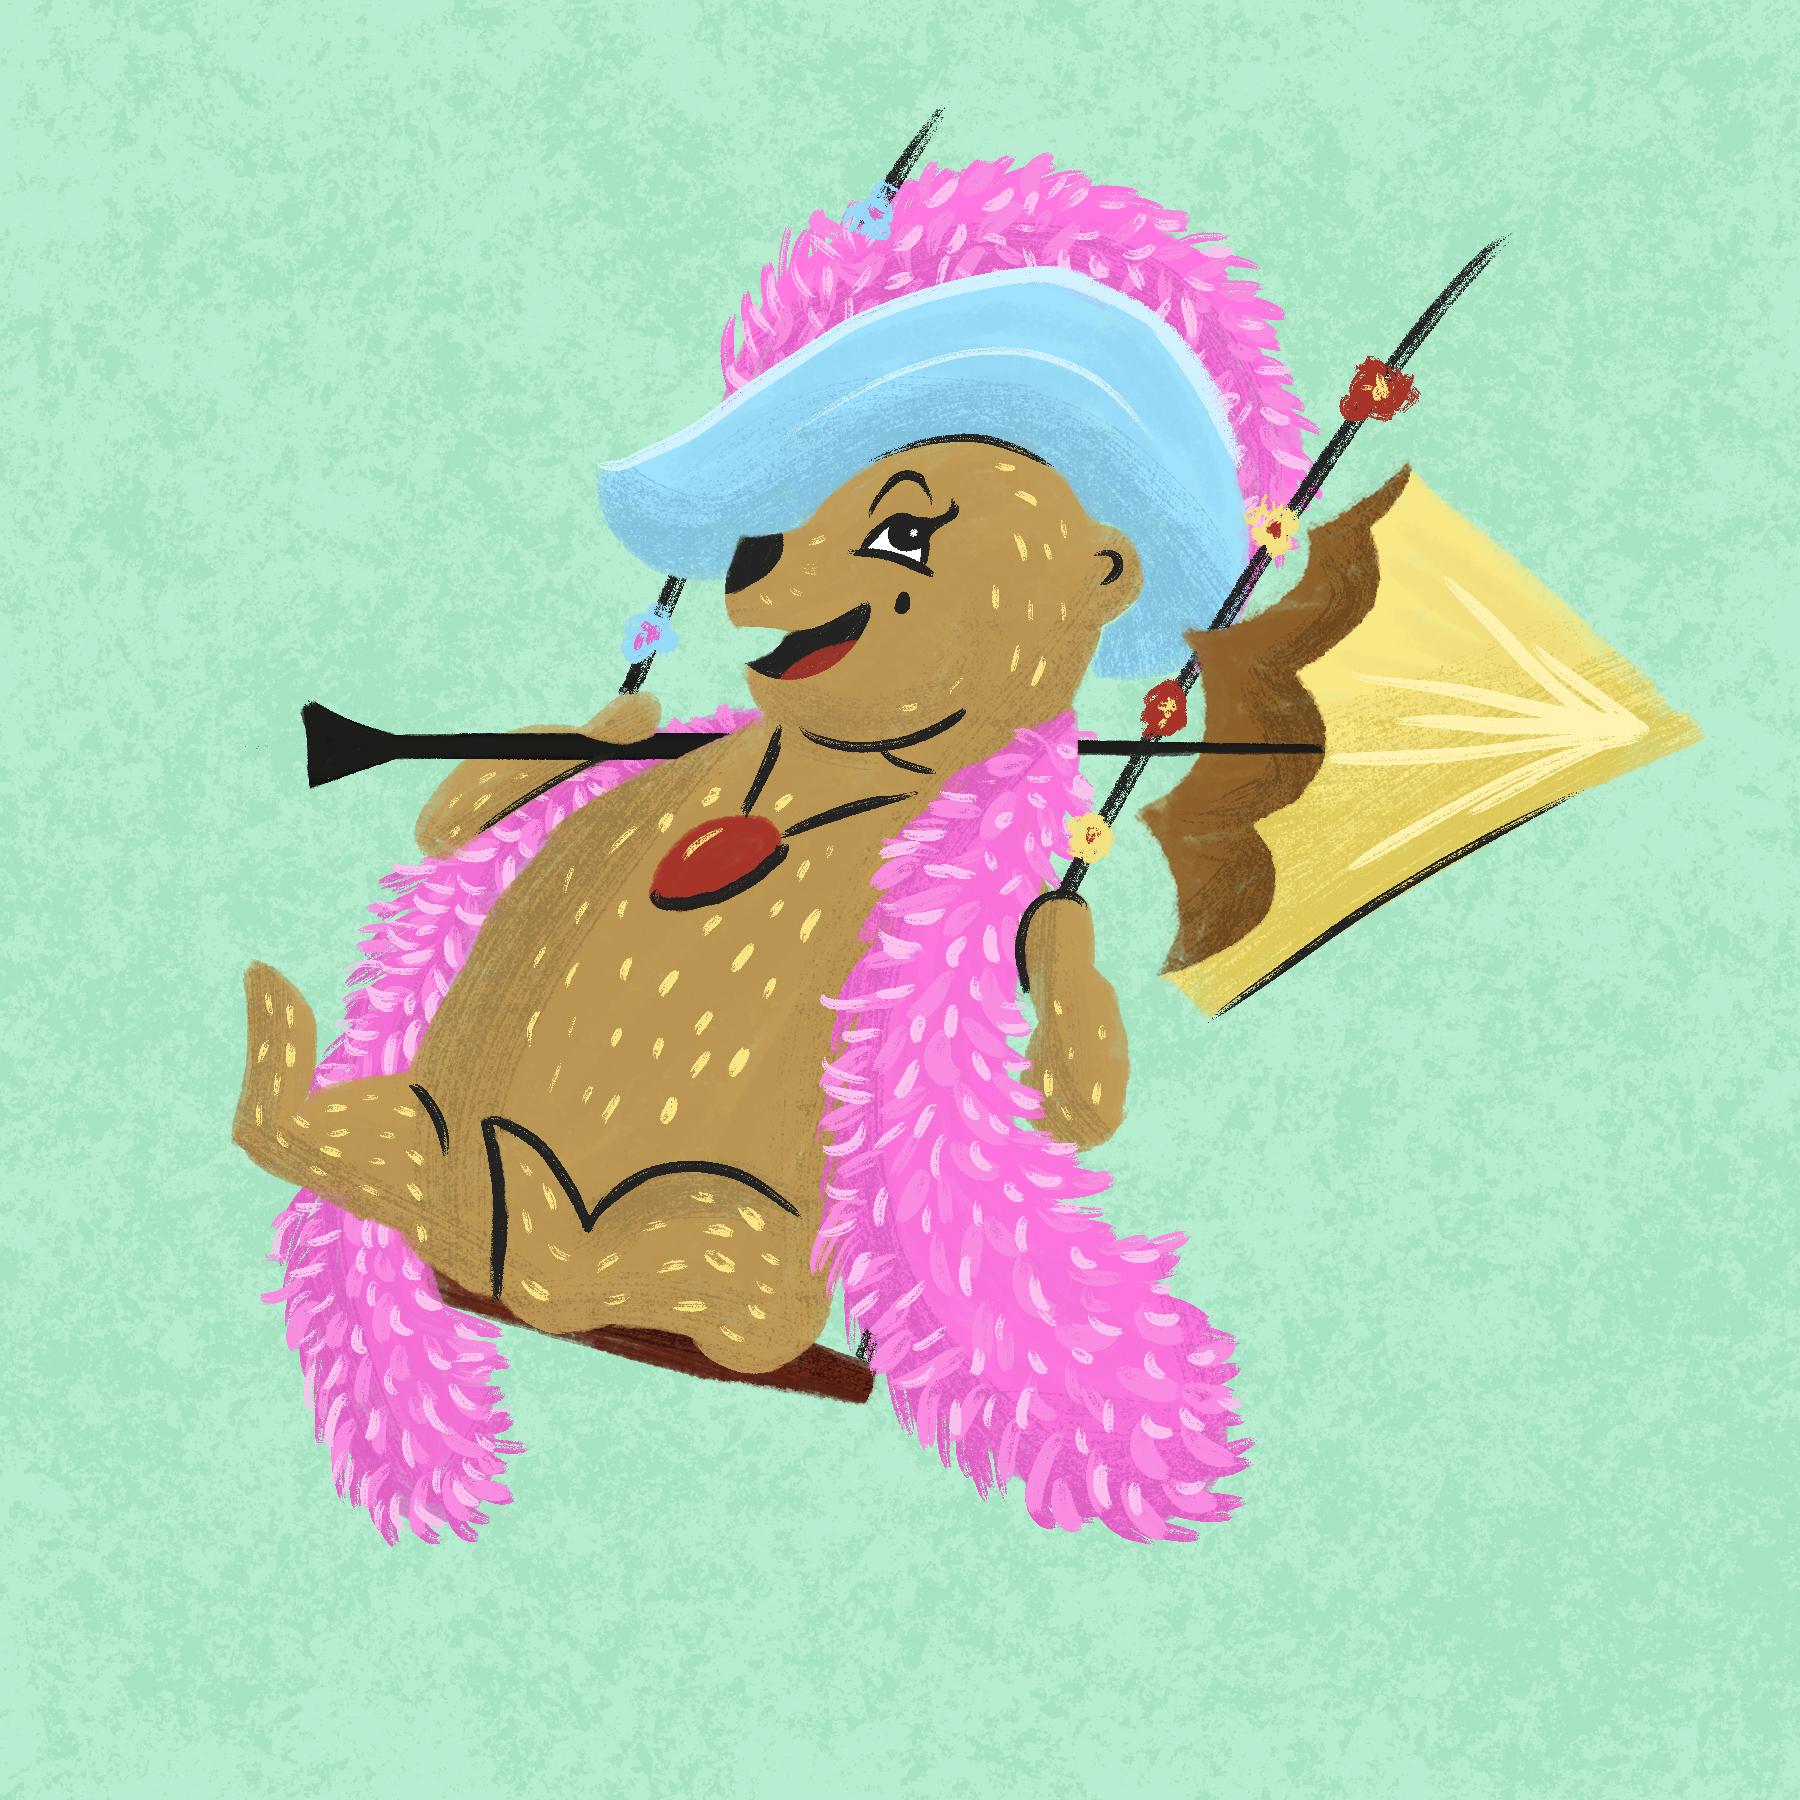 Country Bear - Teddi Berra.jpg